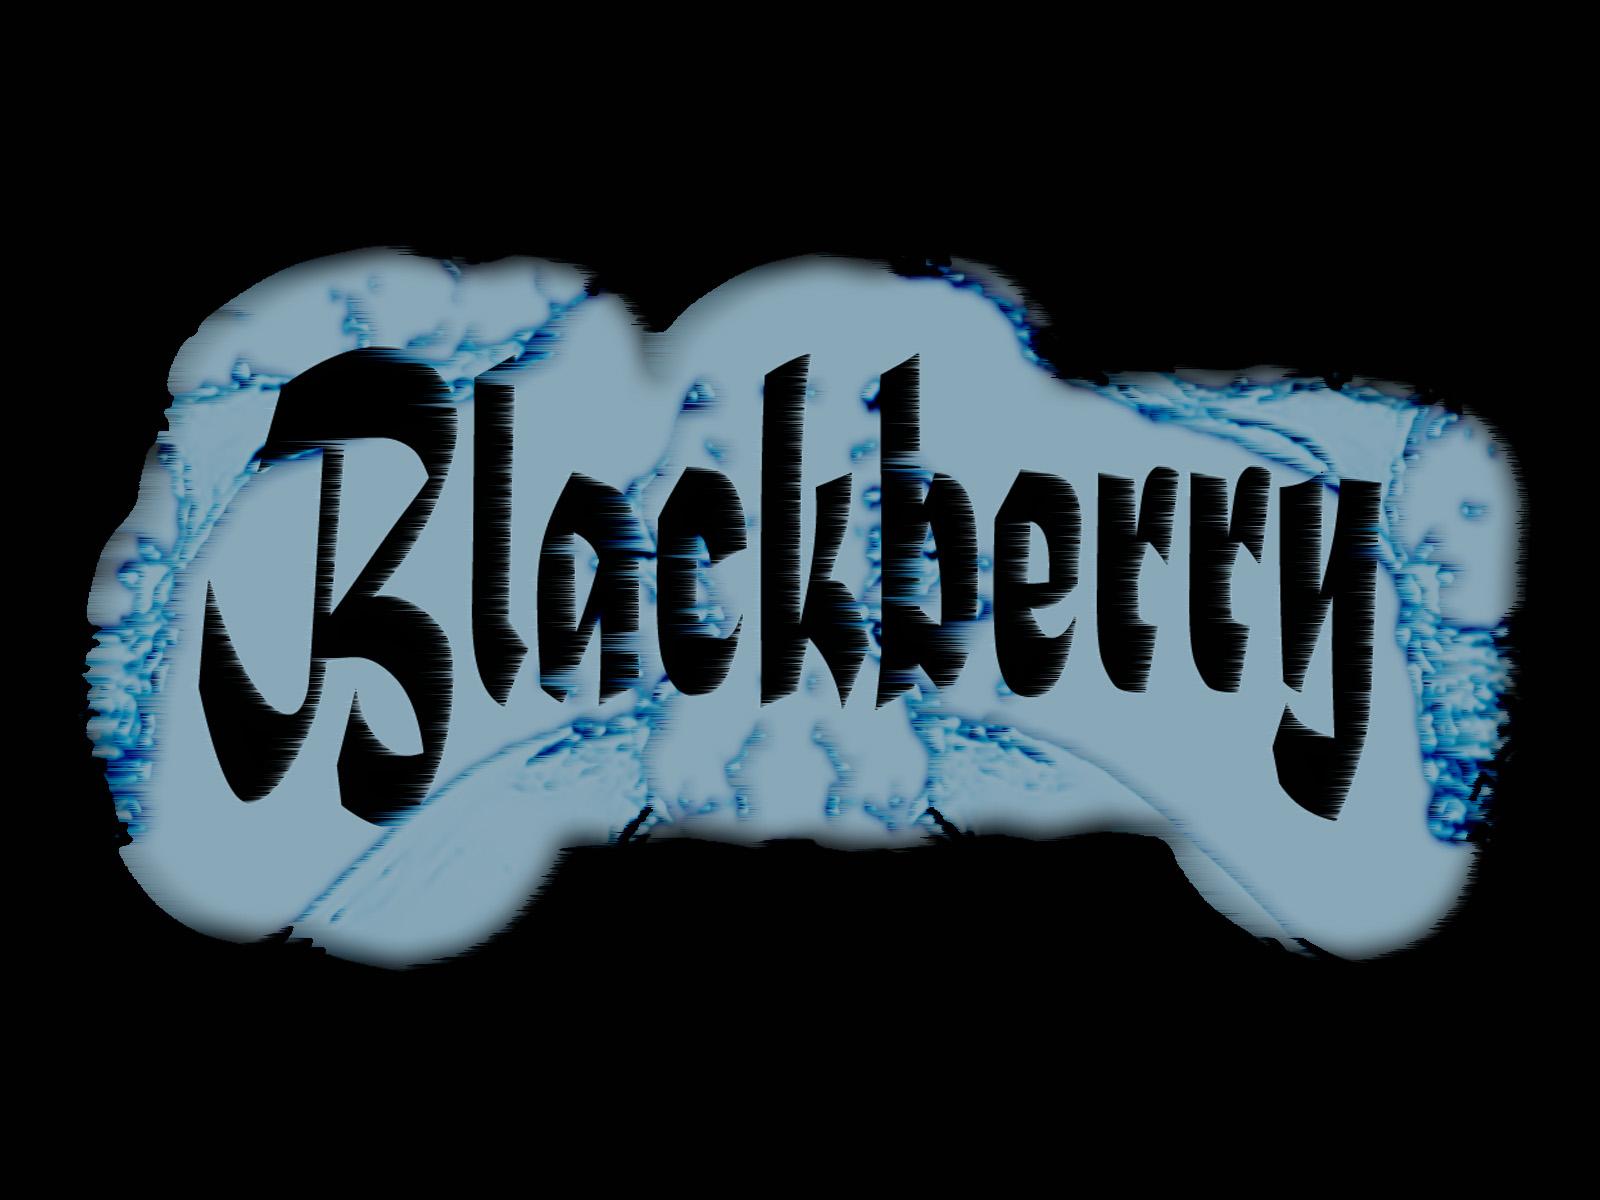 47 Blackberry Wallpaper For Mobile On Wallpapersafari